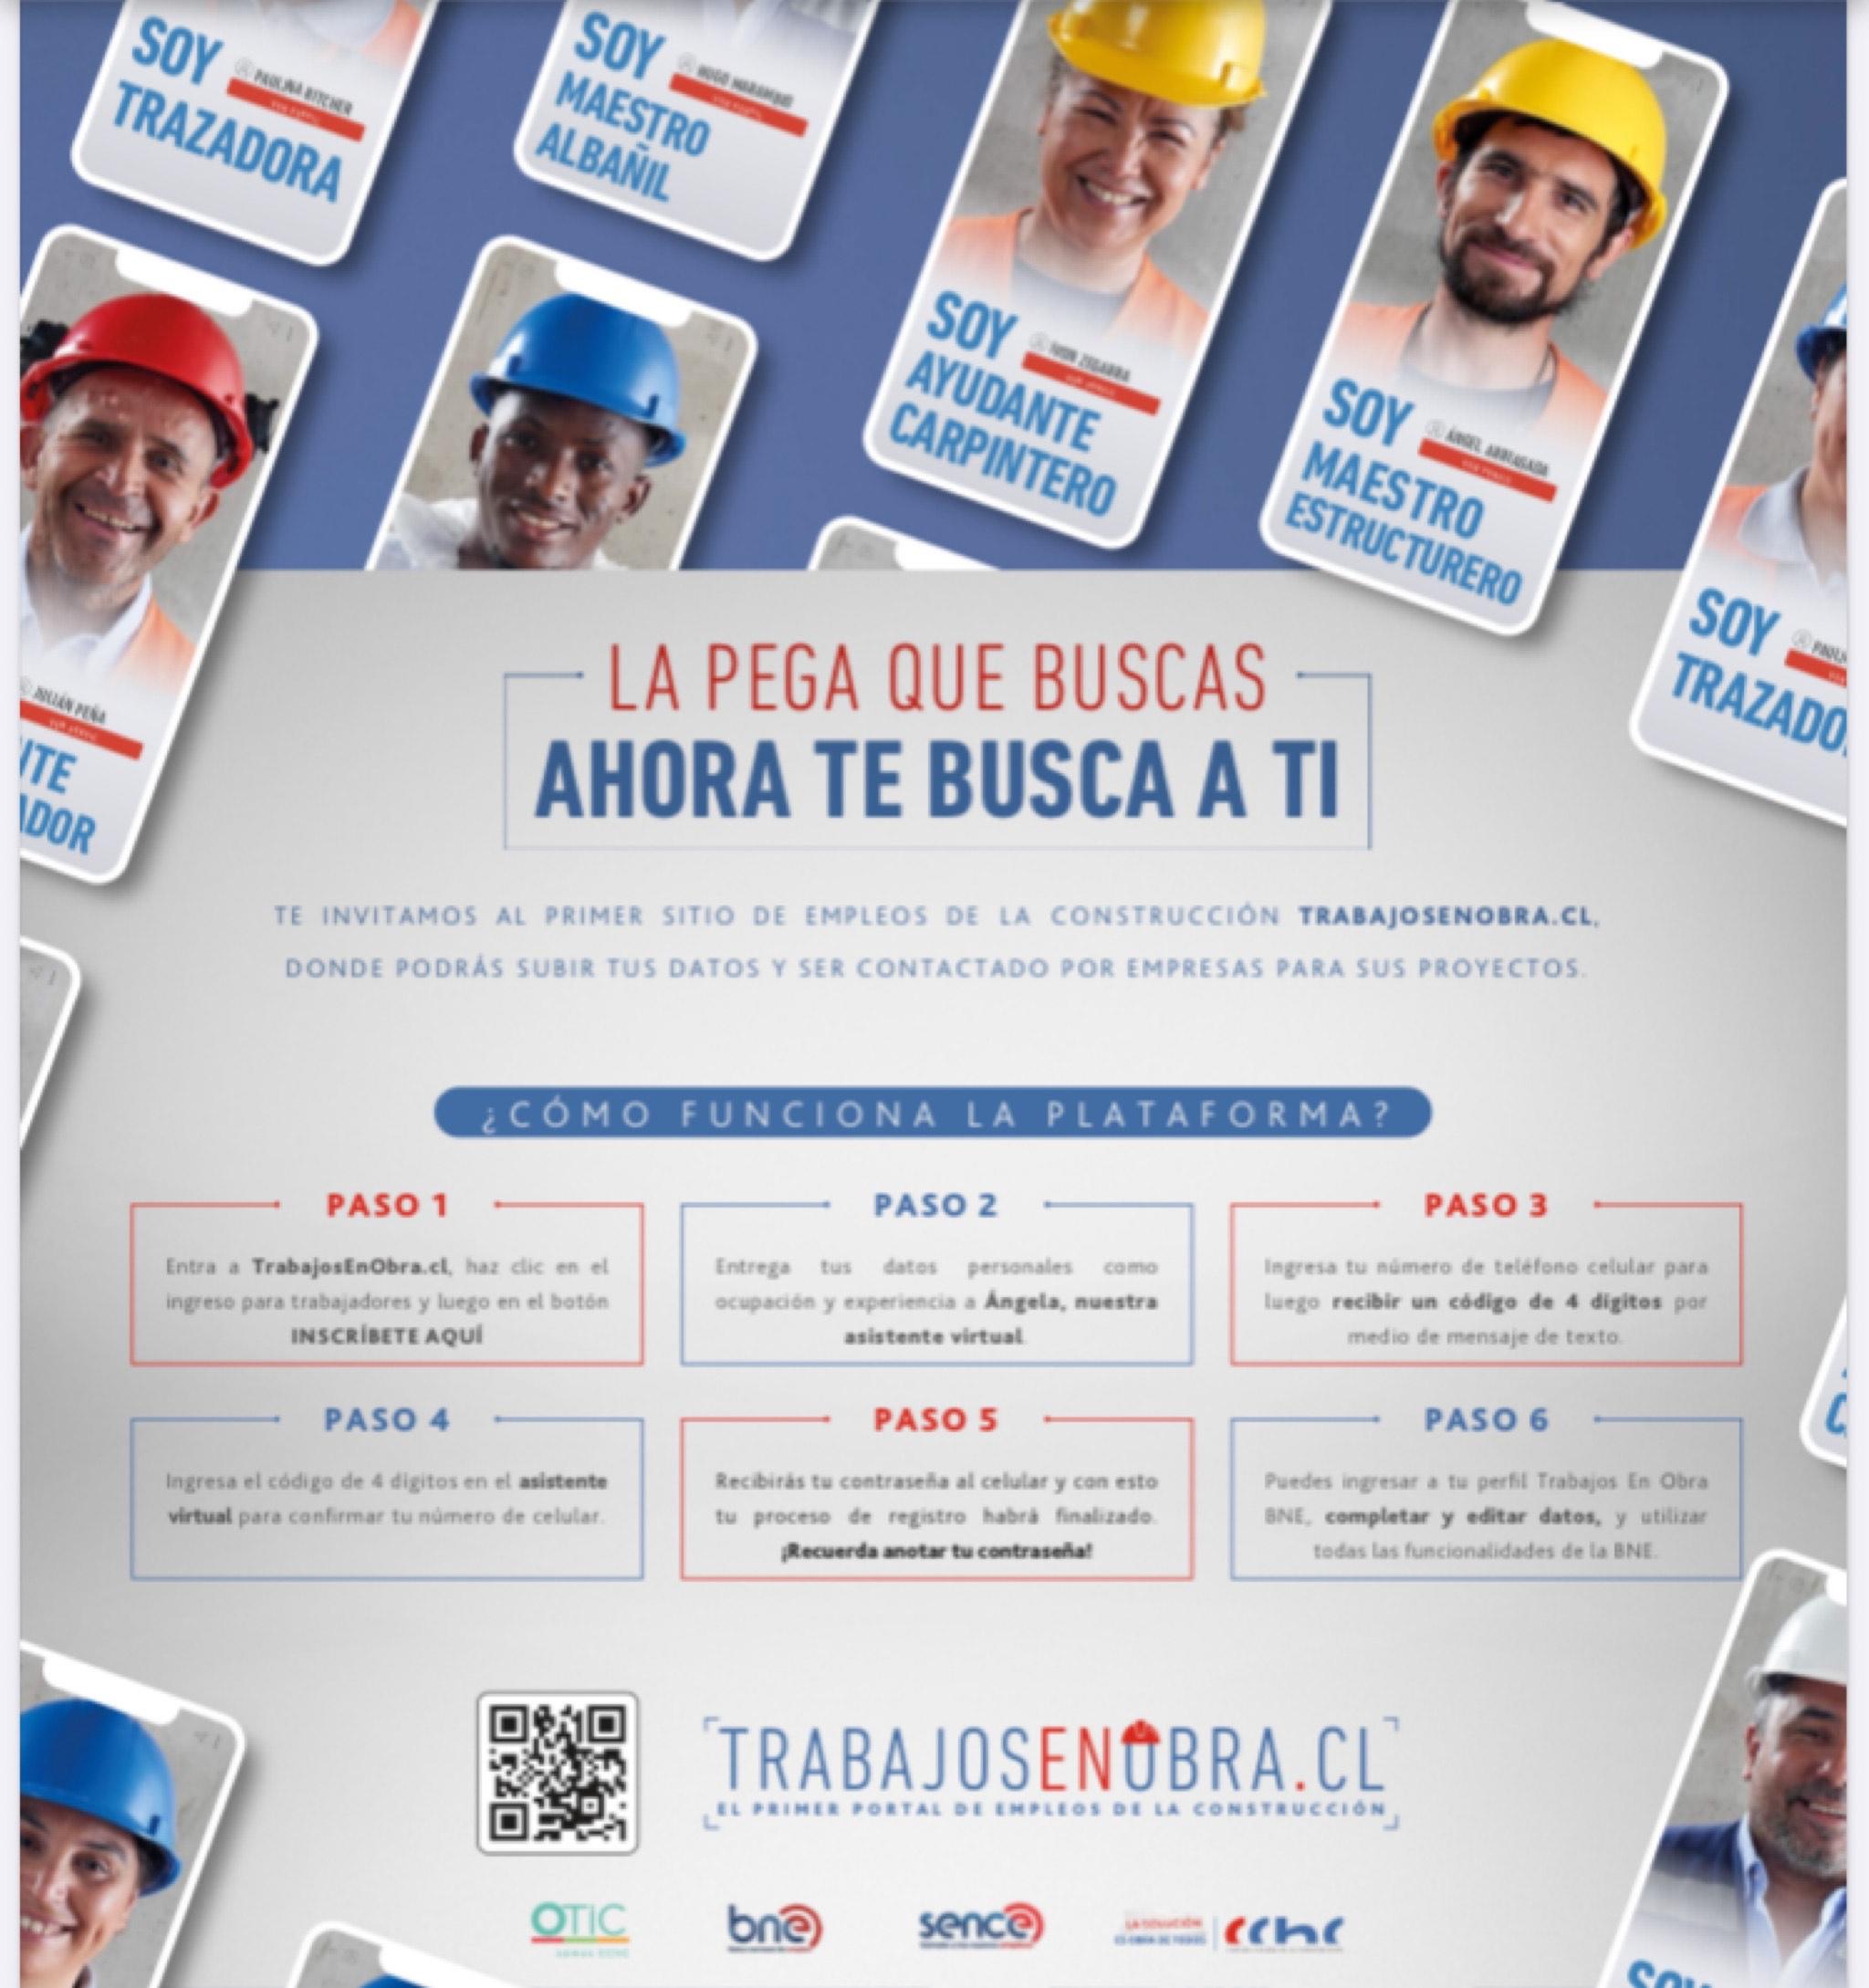 Portal Trabajos en Obra ya cuenta con 20.347 trabajadores inscritos y presenta ranking de los oficios más buscados en la Región  noticias